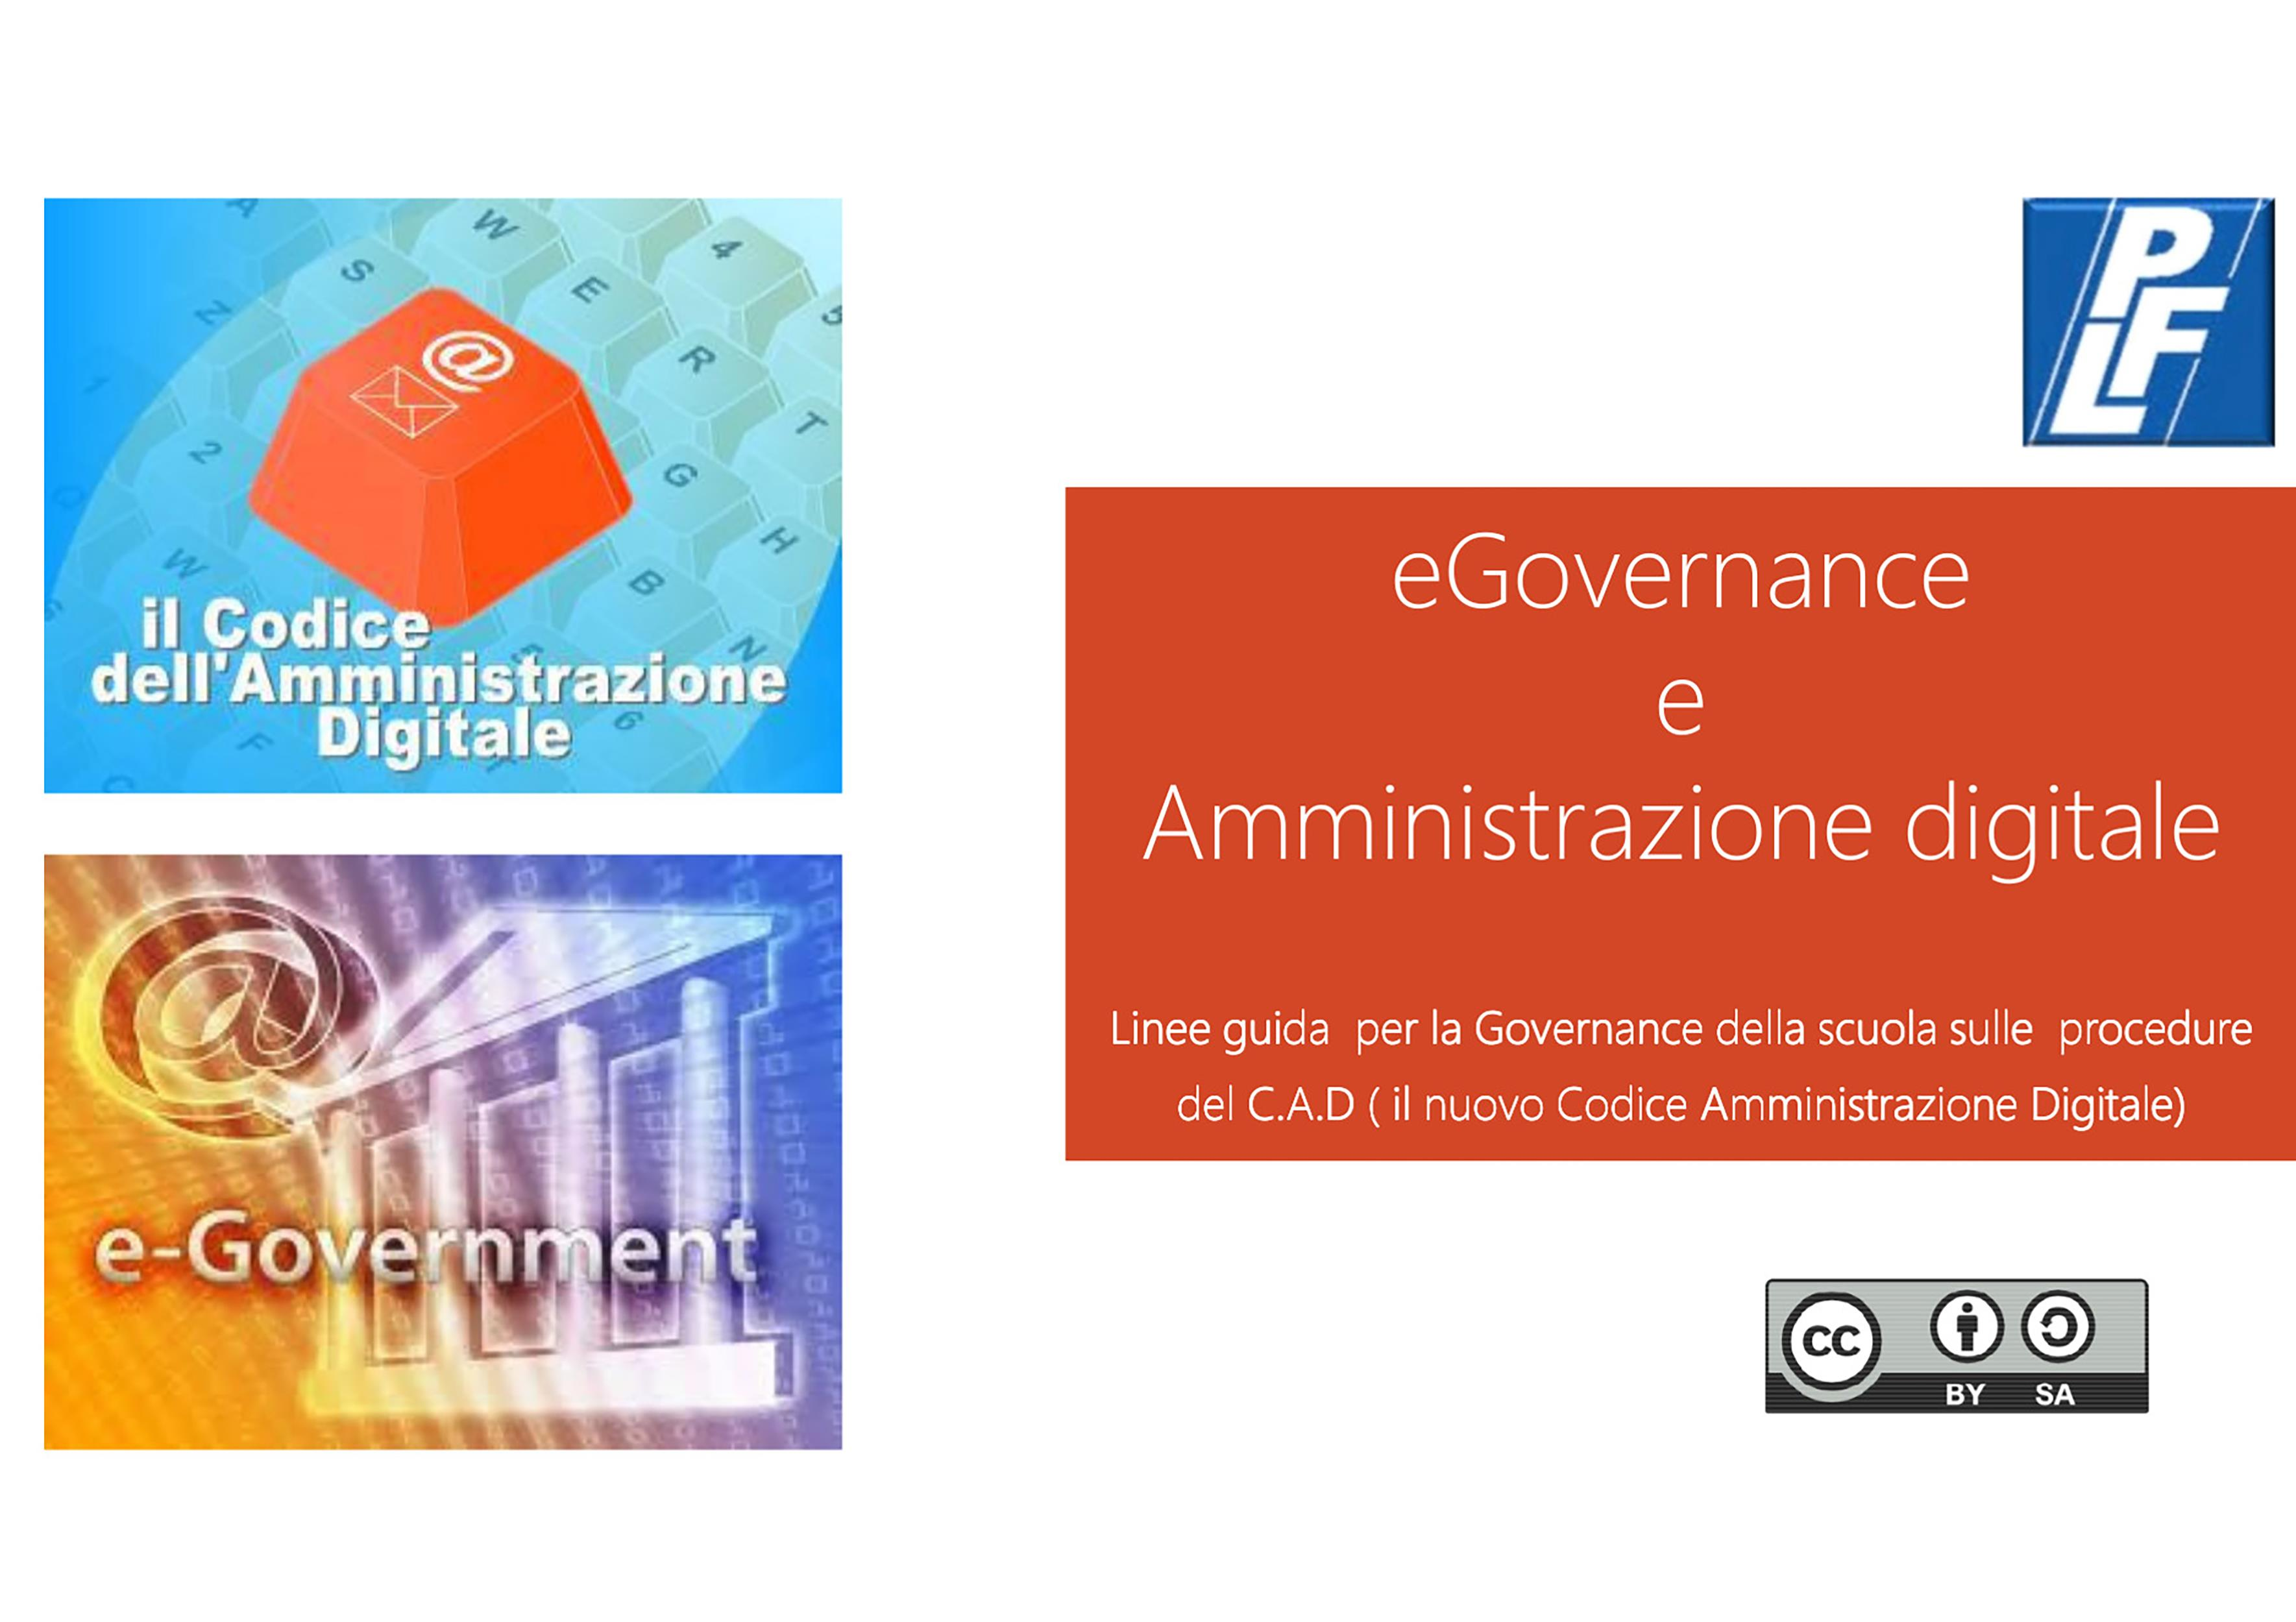 Egovernance e amministrazione digitale